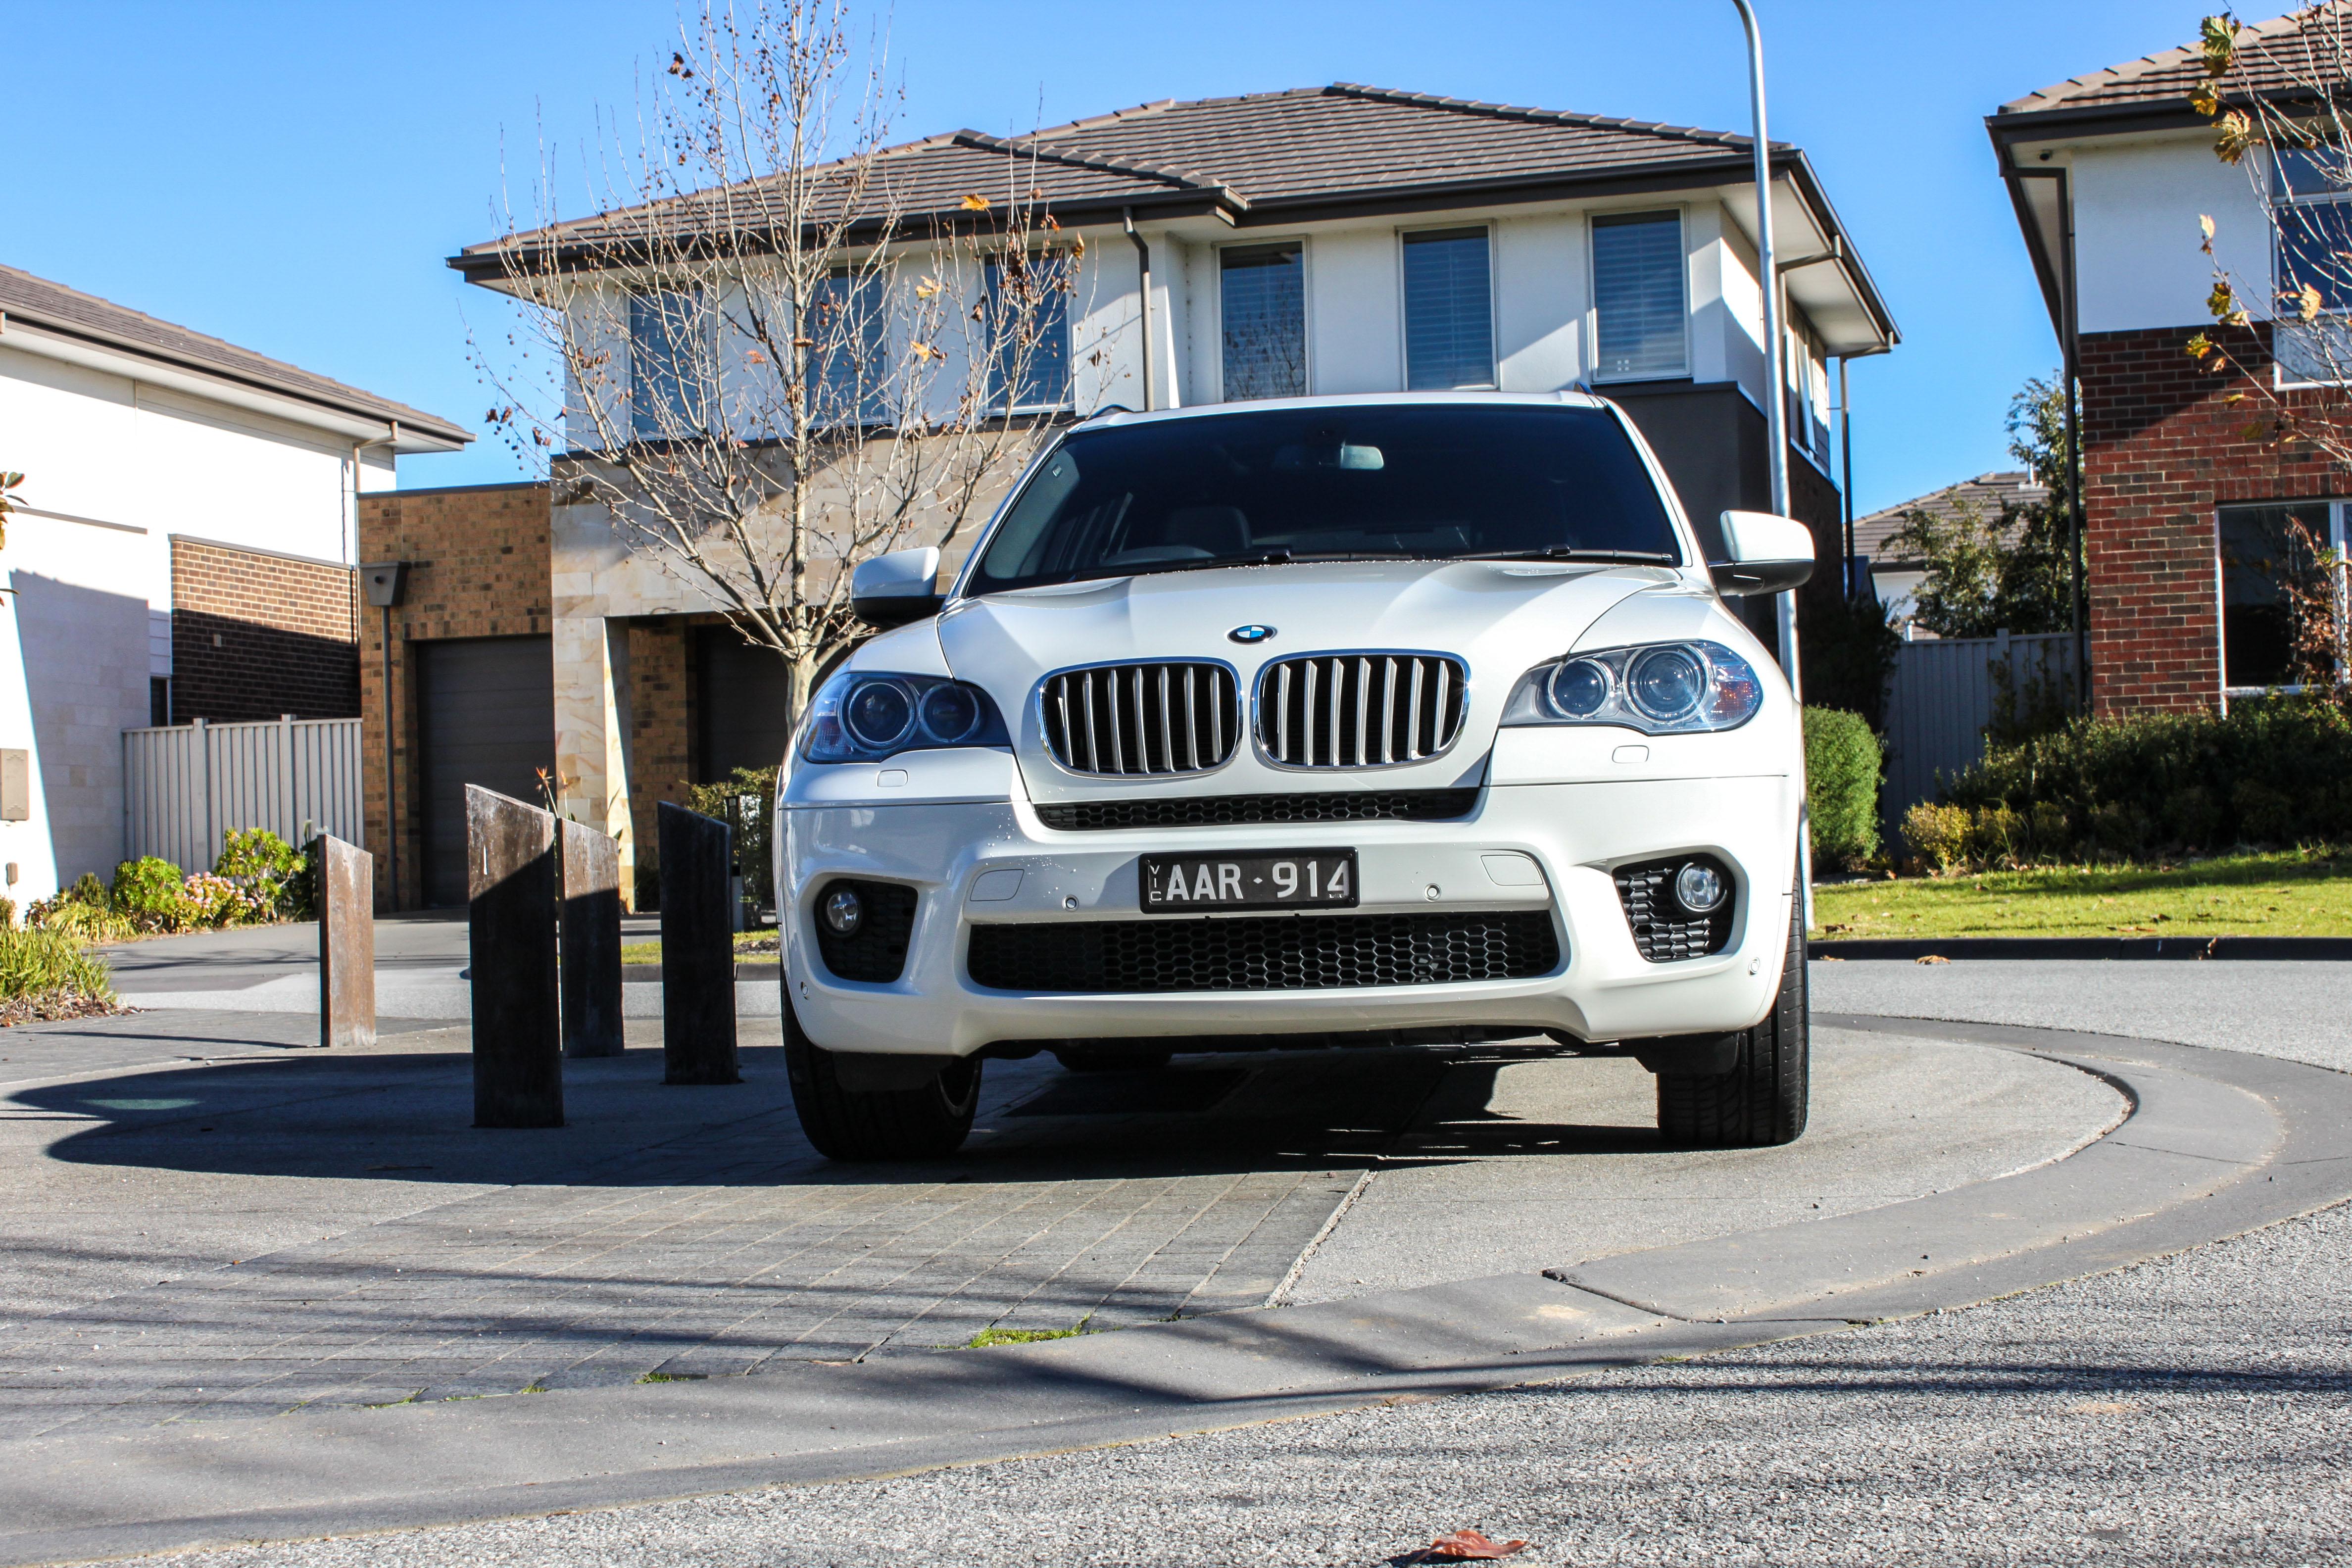 2013 bmw x5 xdrive30d msports e70